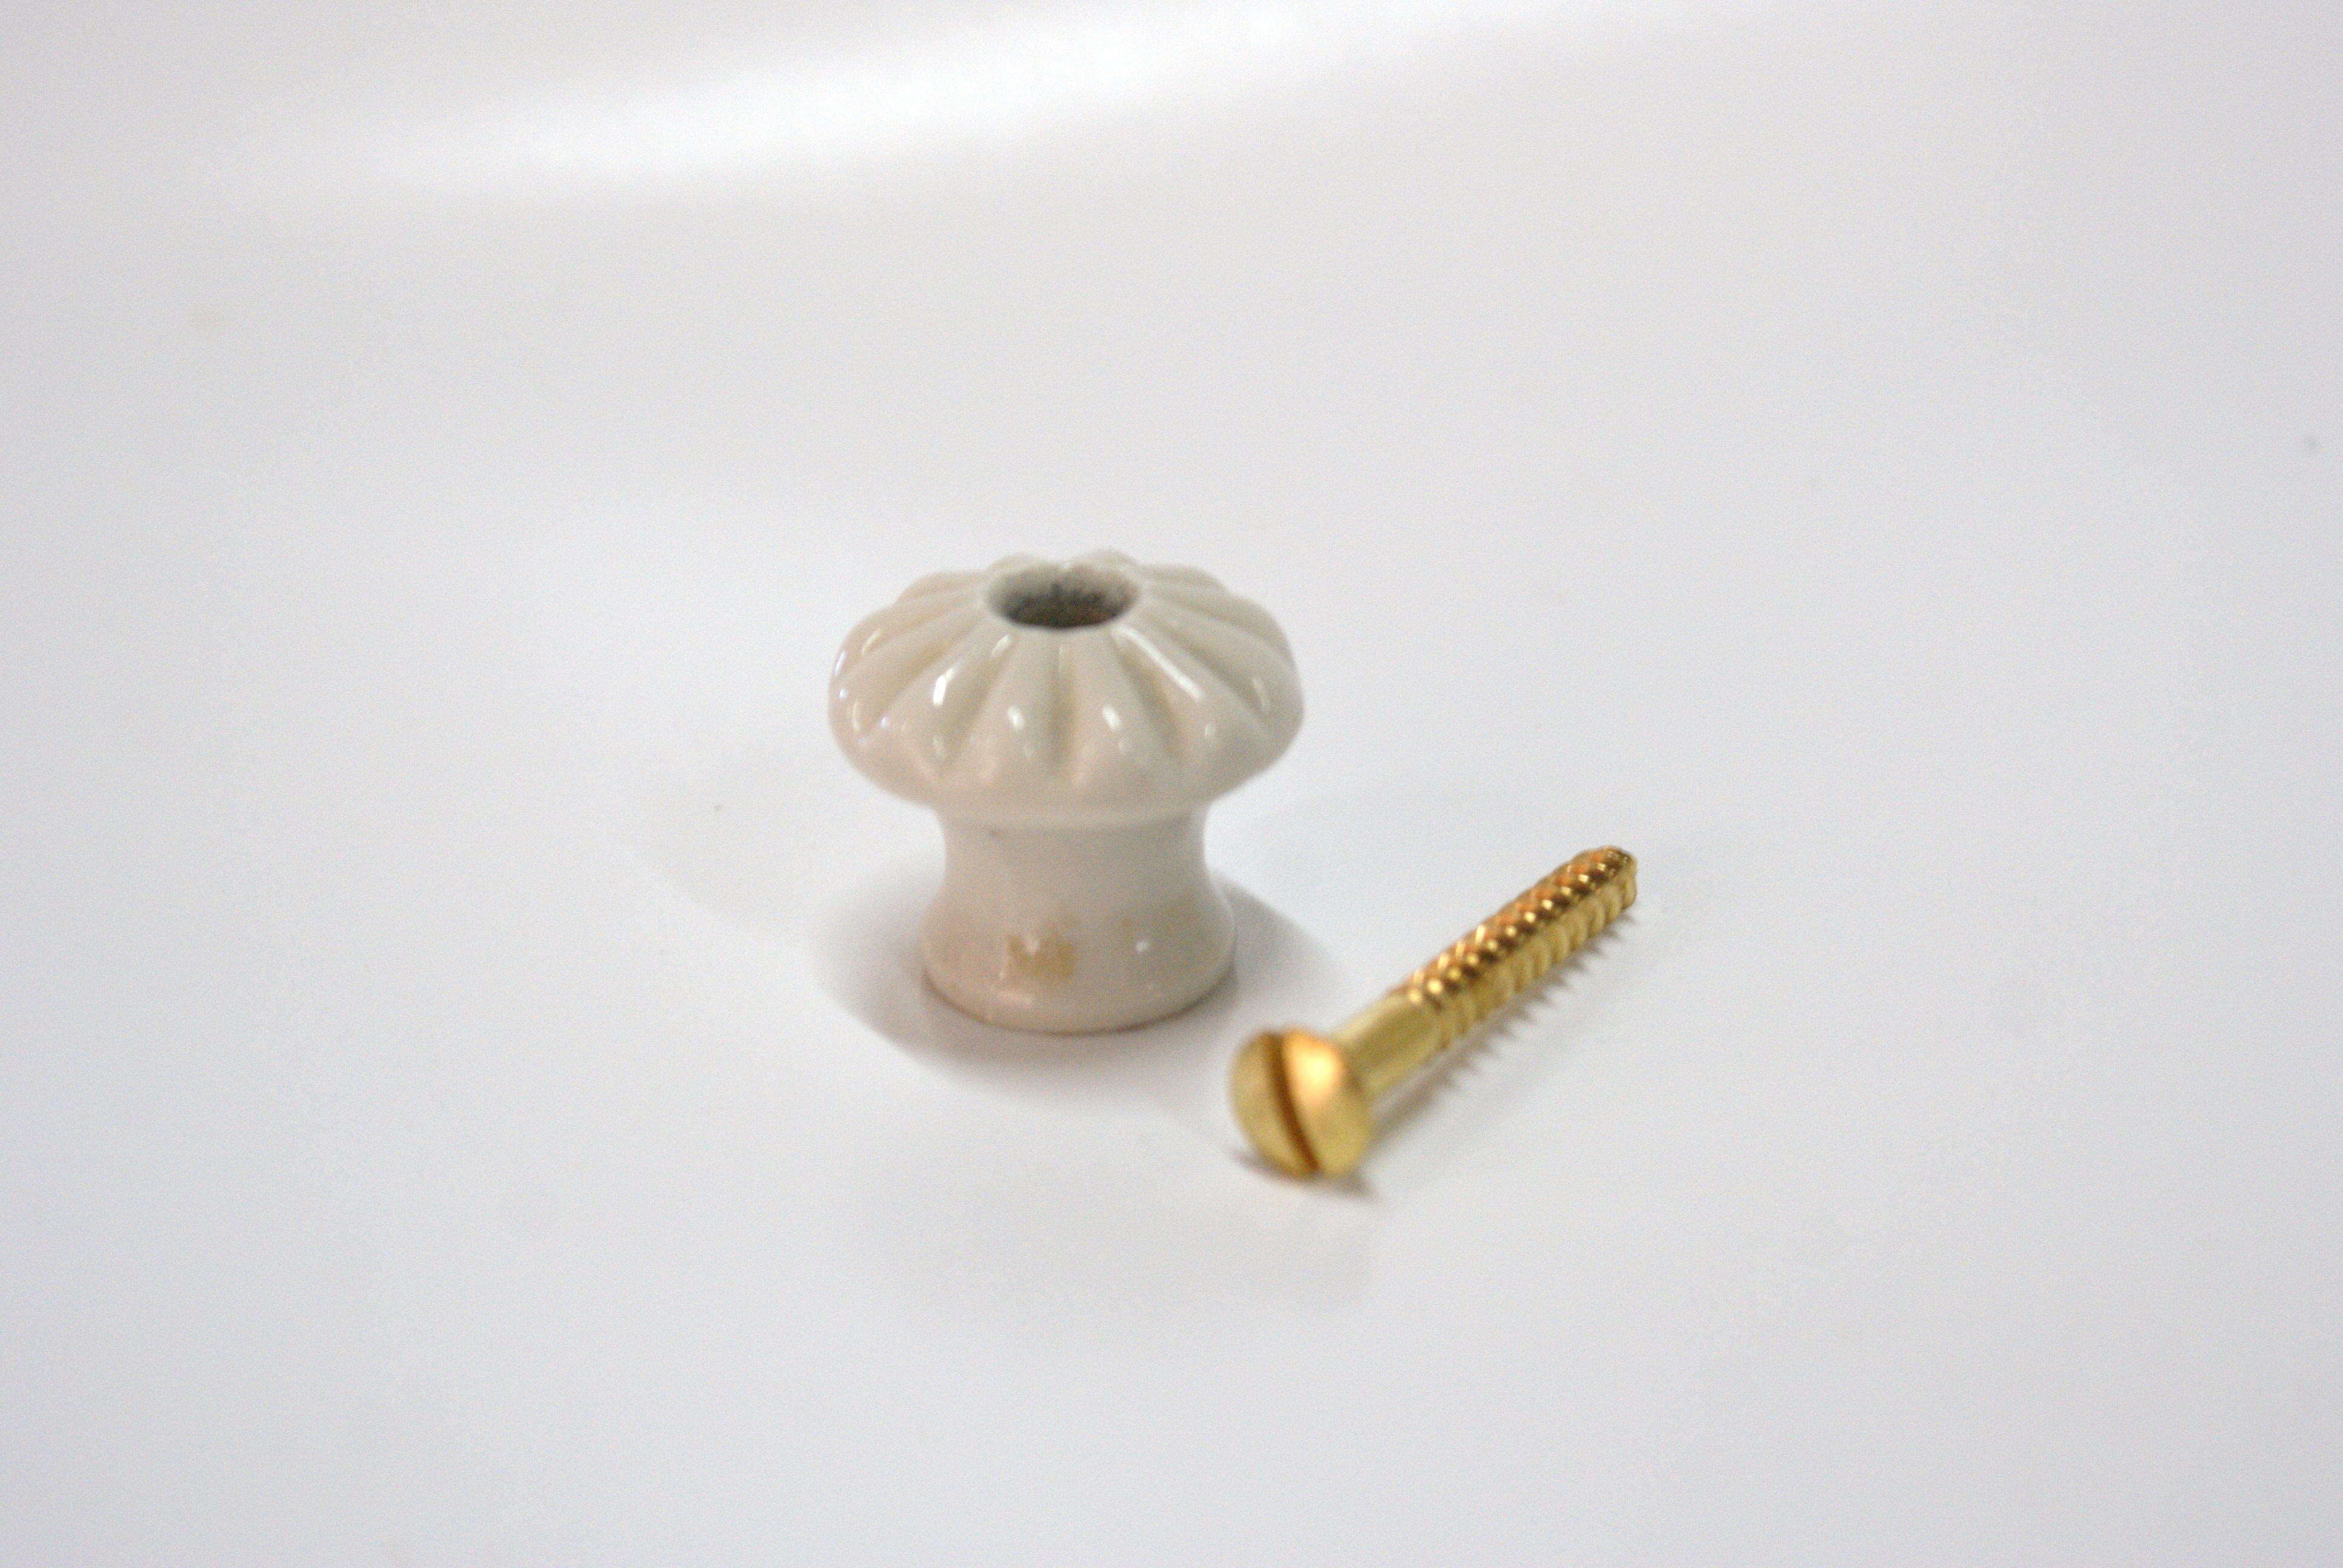 porseleinen knop 3 cm